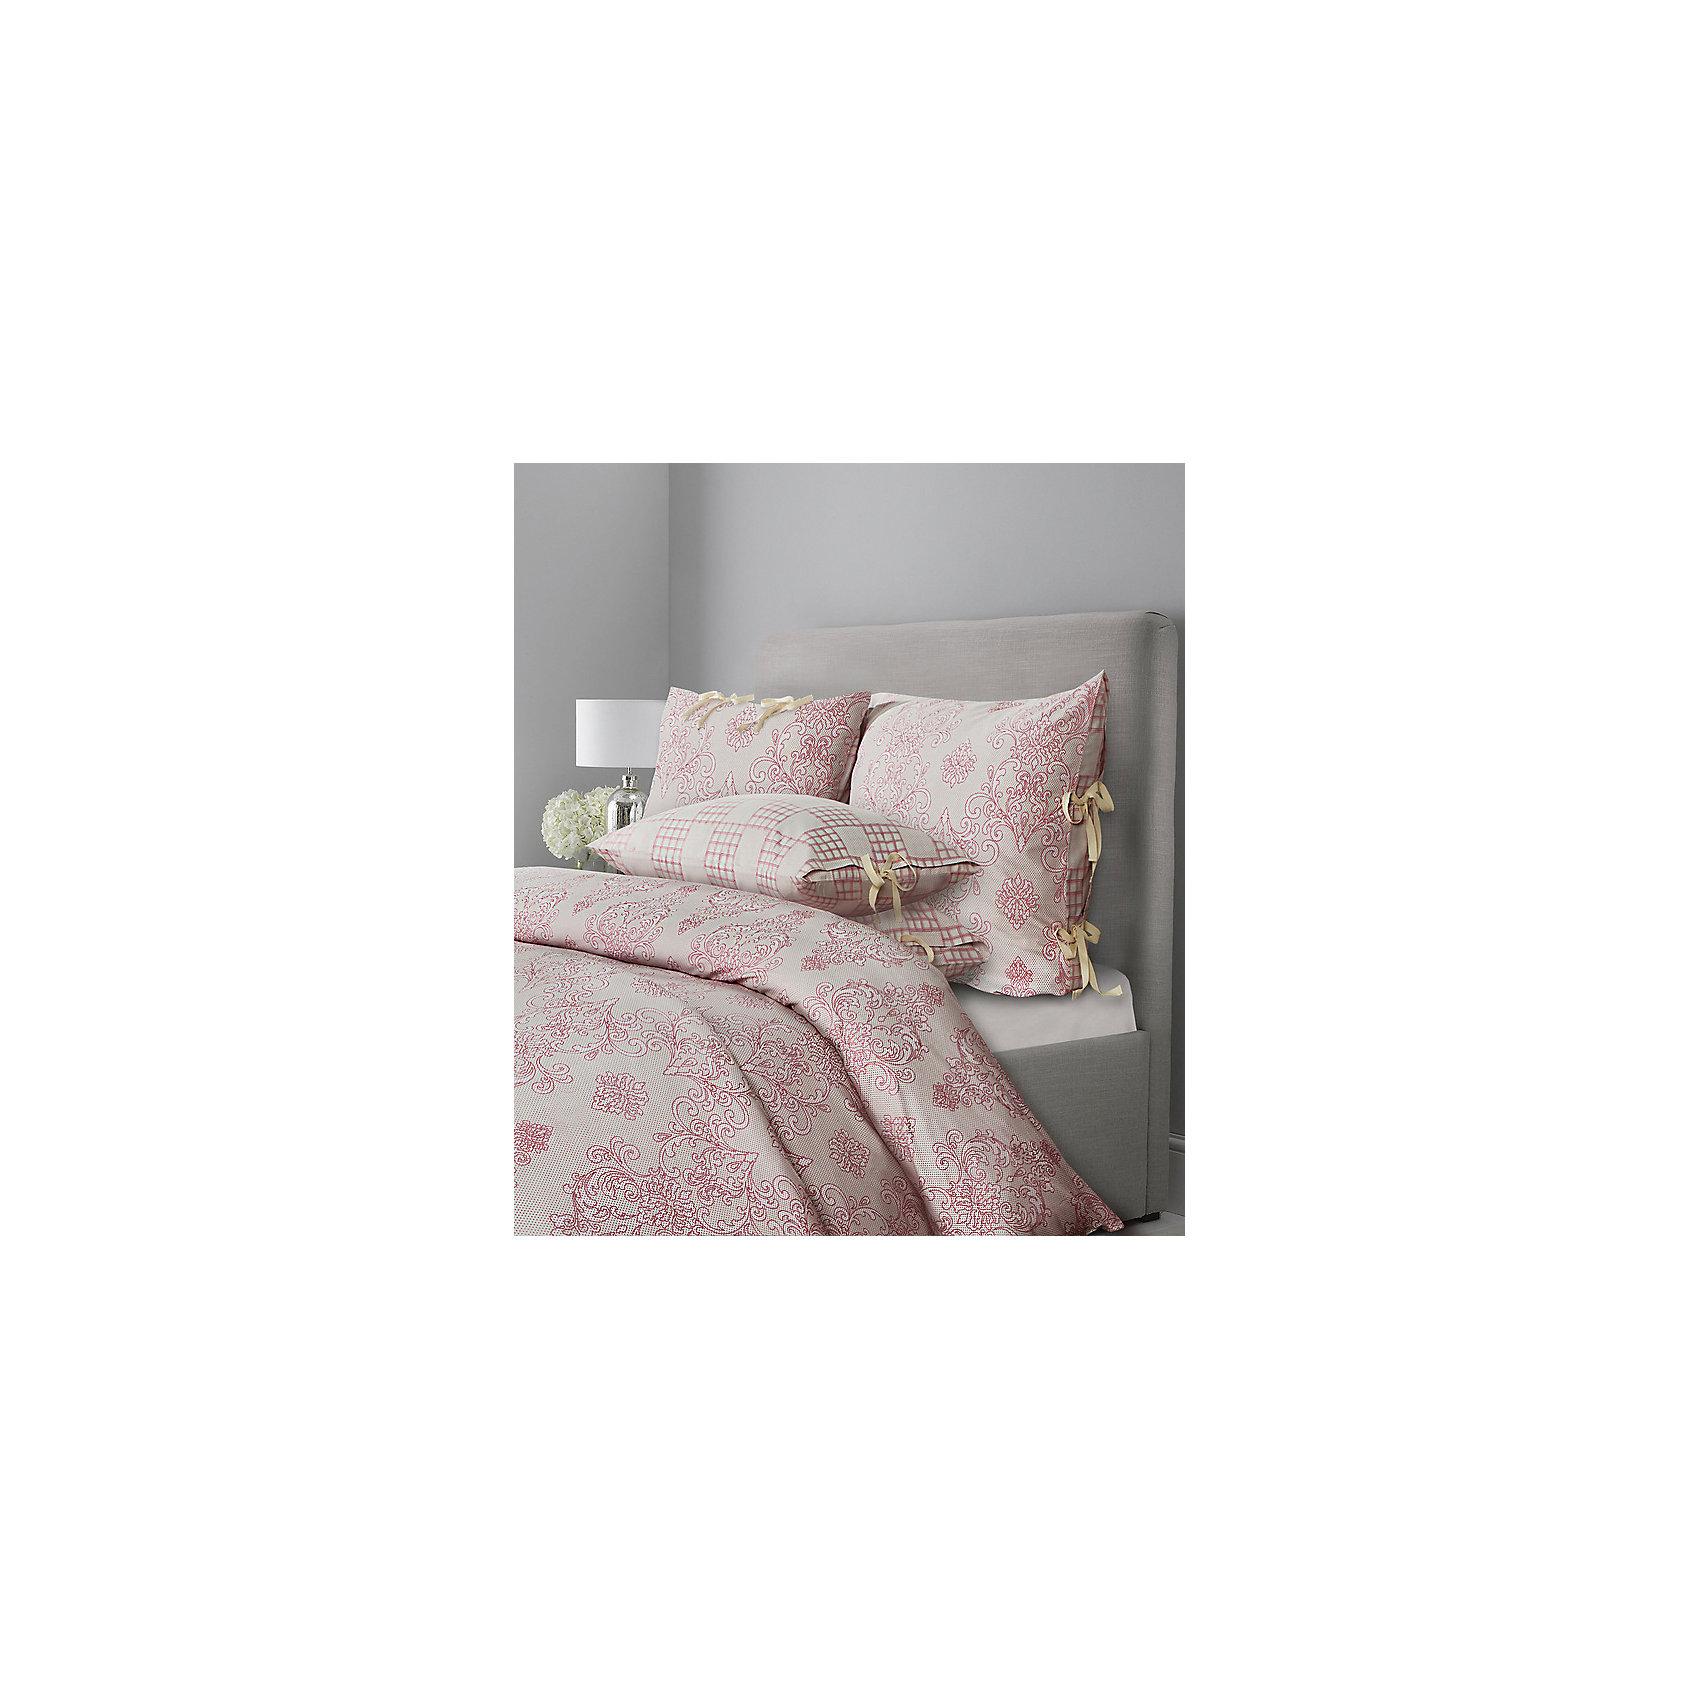 Мона Лиза Постельное белье SL Chalet, 2-спальный, 70*70 50х70 сатин, Mona Liza, пудровая роза постельное белье mona liza комплект постельного белья 2сп pet н 2 70 70 н 2 50х70 sl сатин панно